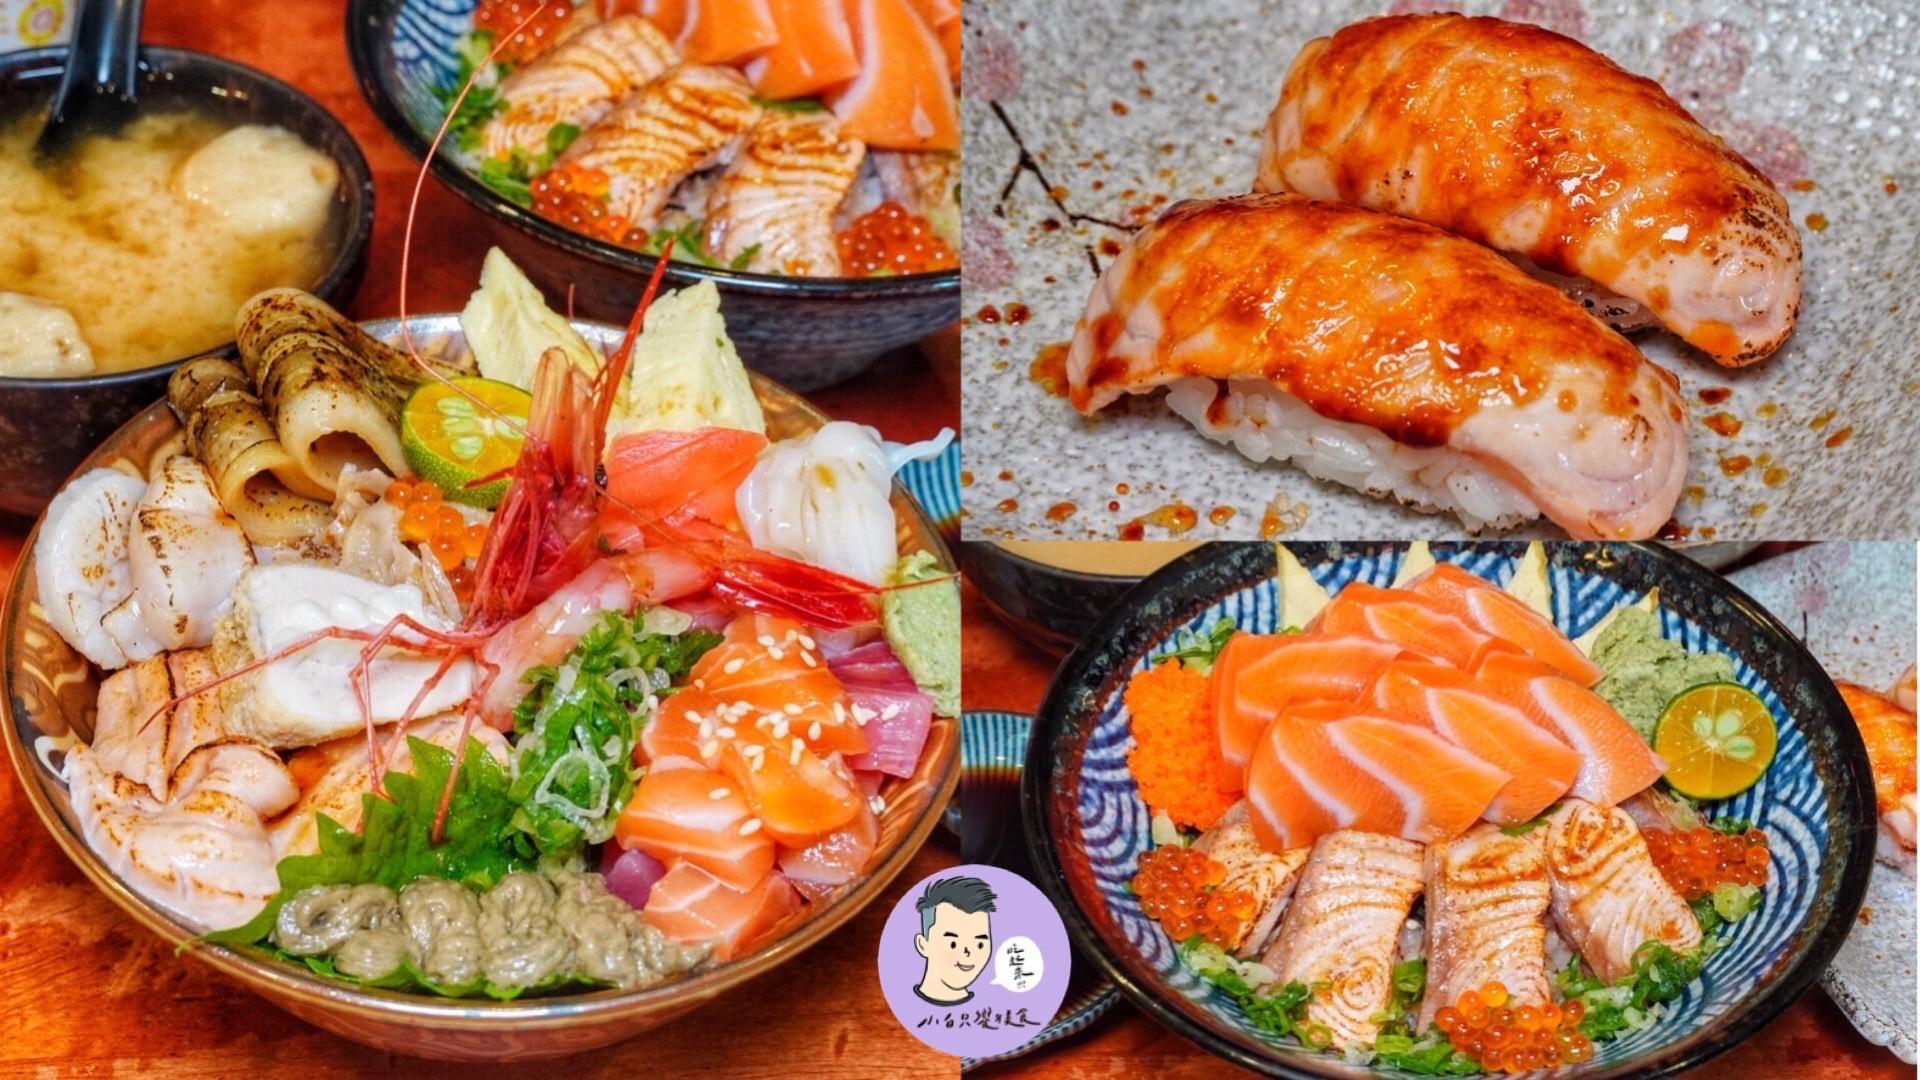 【台南美食】采田壽司 永康超人氣日式料理!必吃澎湃海鮮丼超高cp值 晚來就很難吃得到